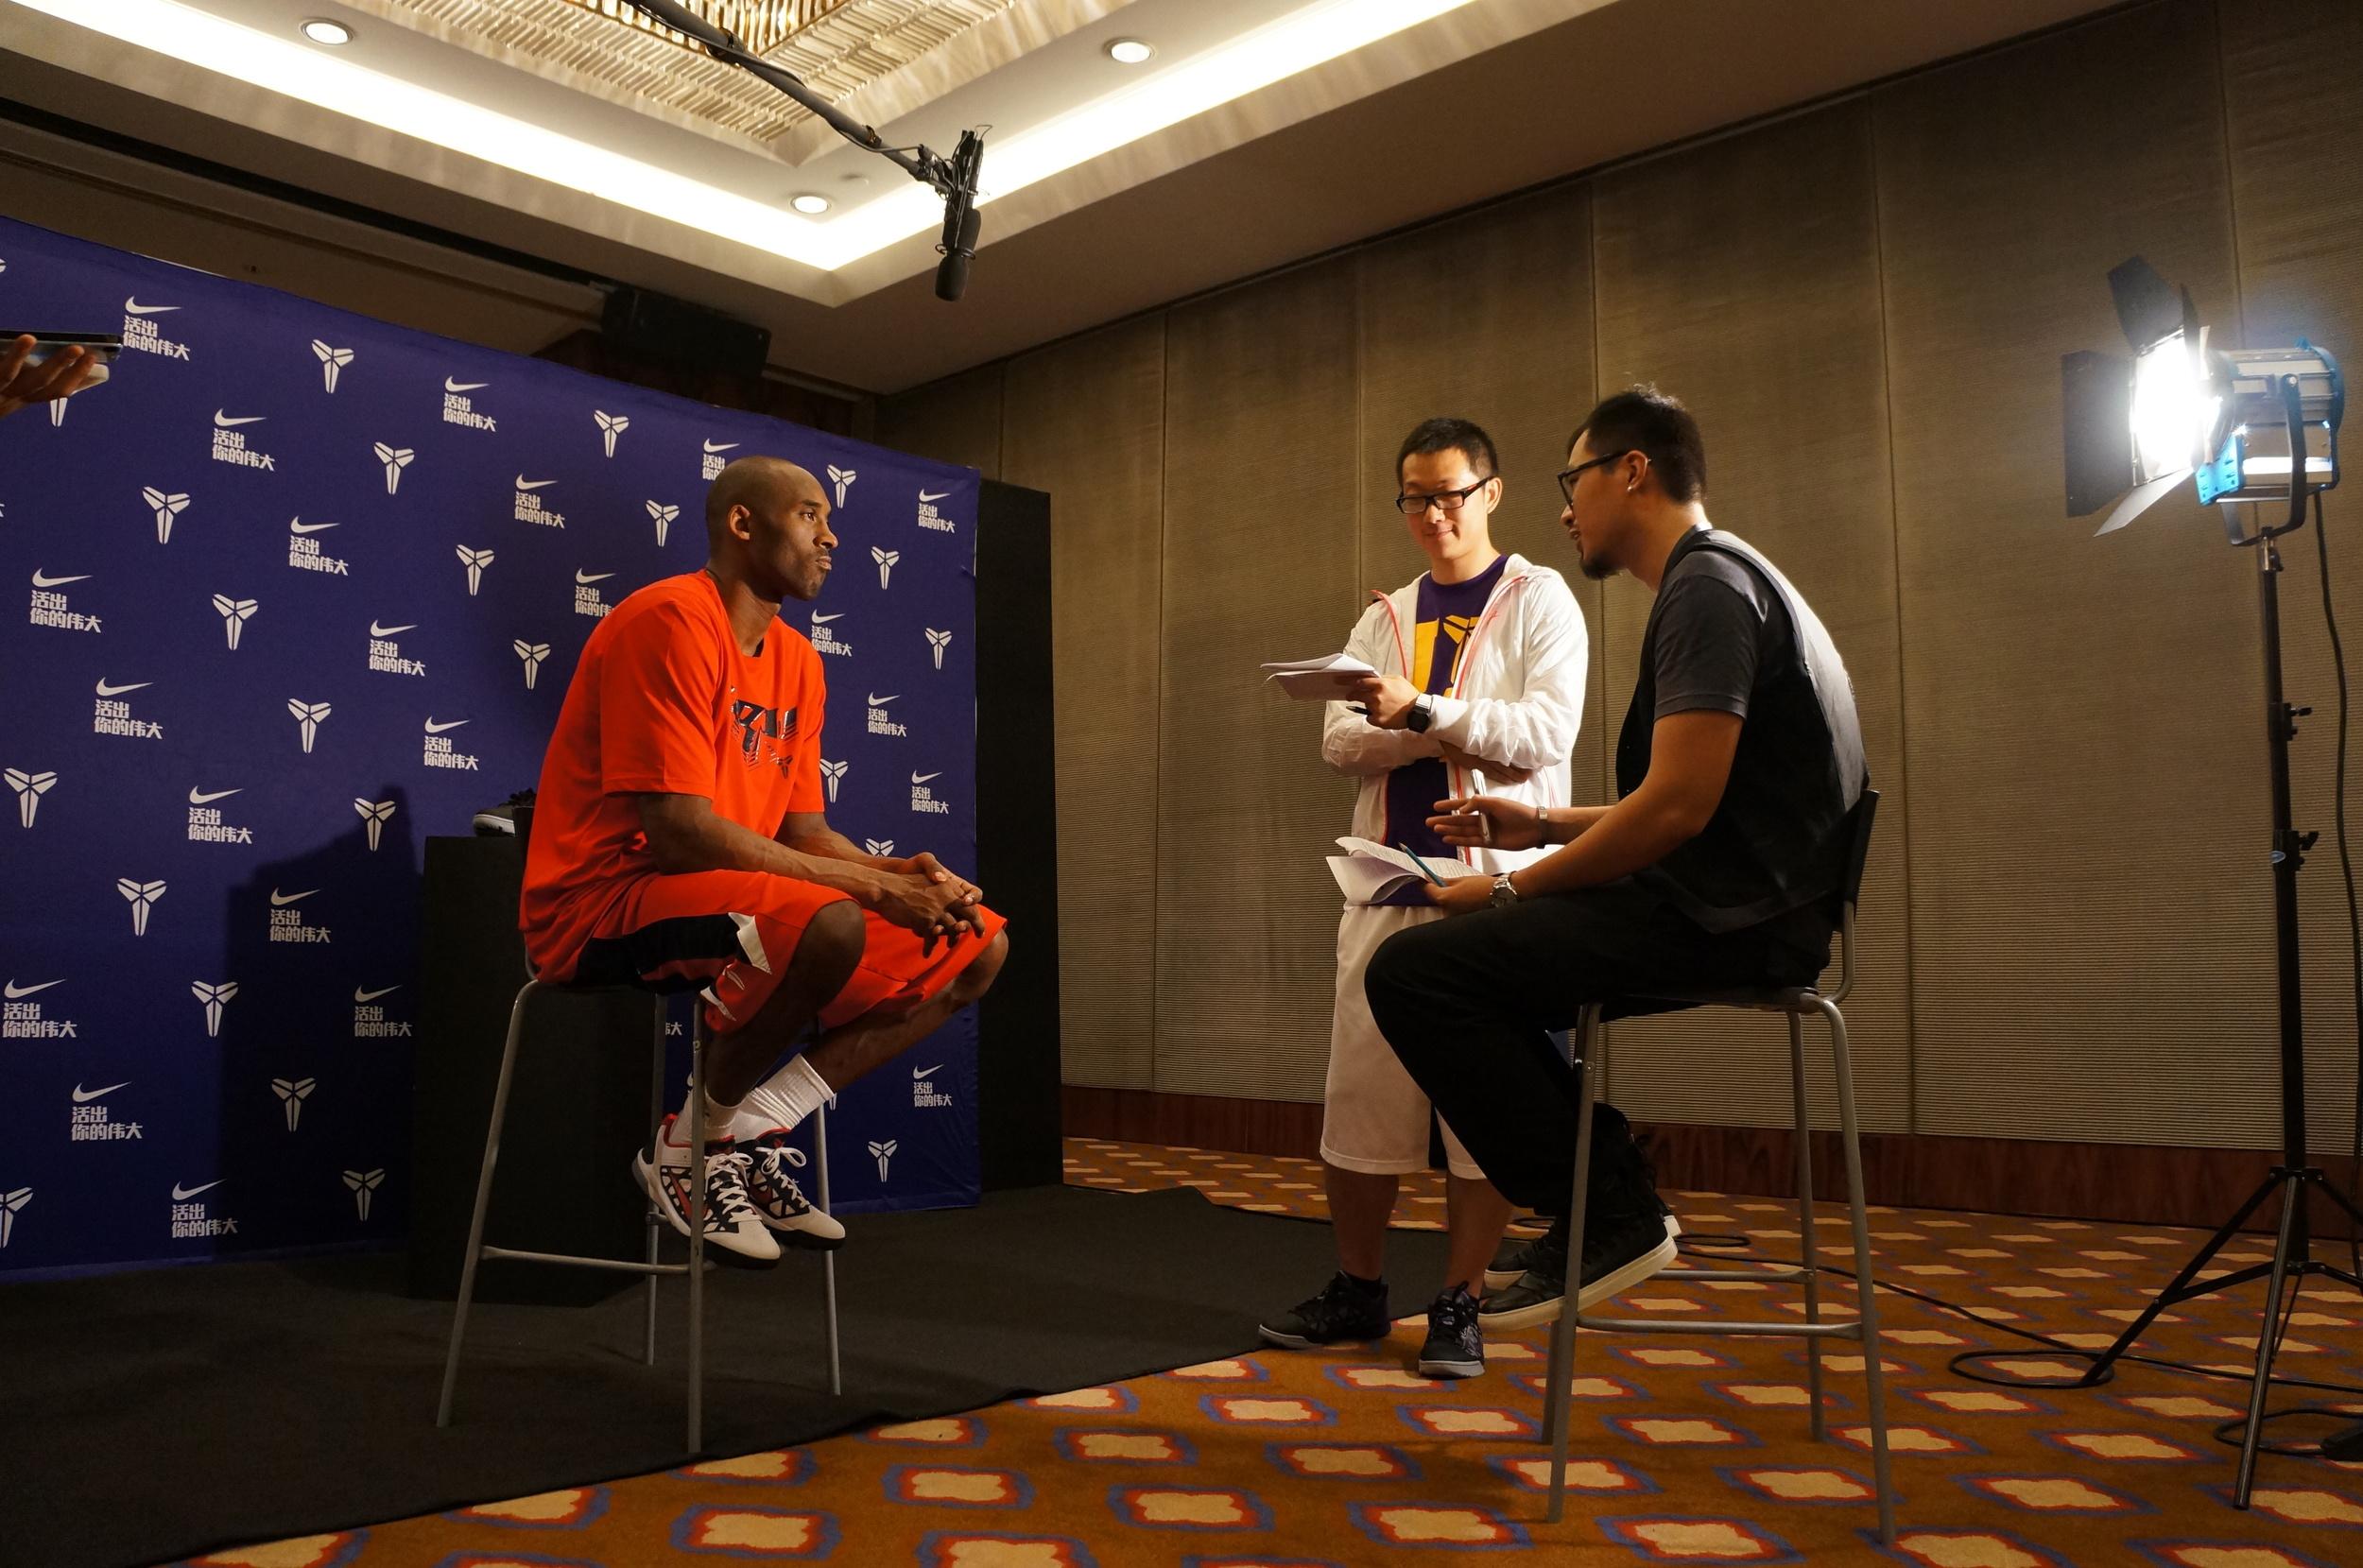 公司总经理独家专访Kobe Bryant (科比-布莱恩特)